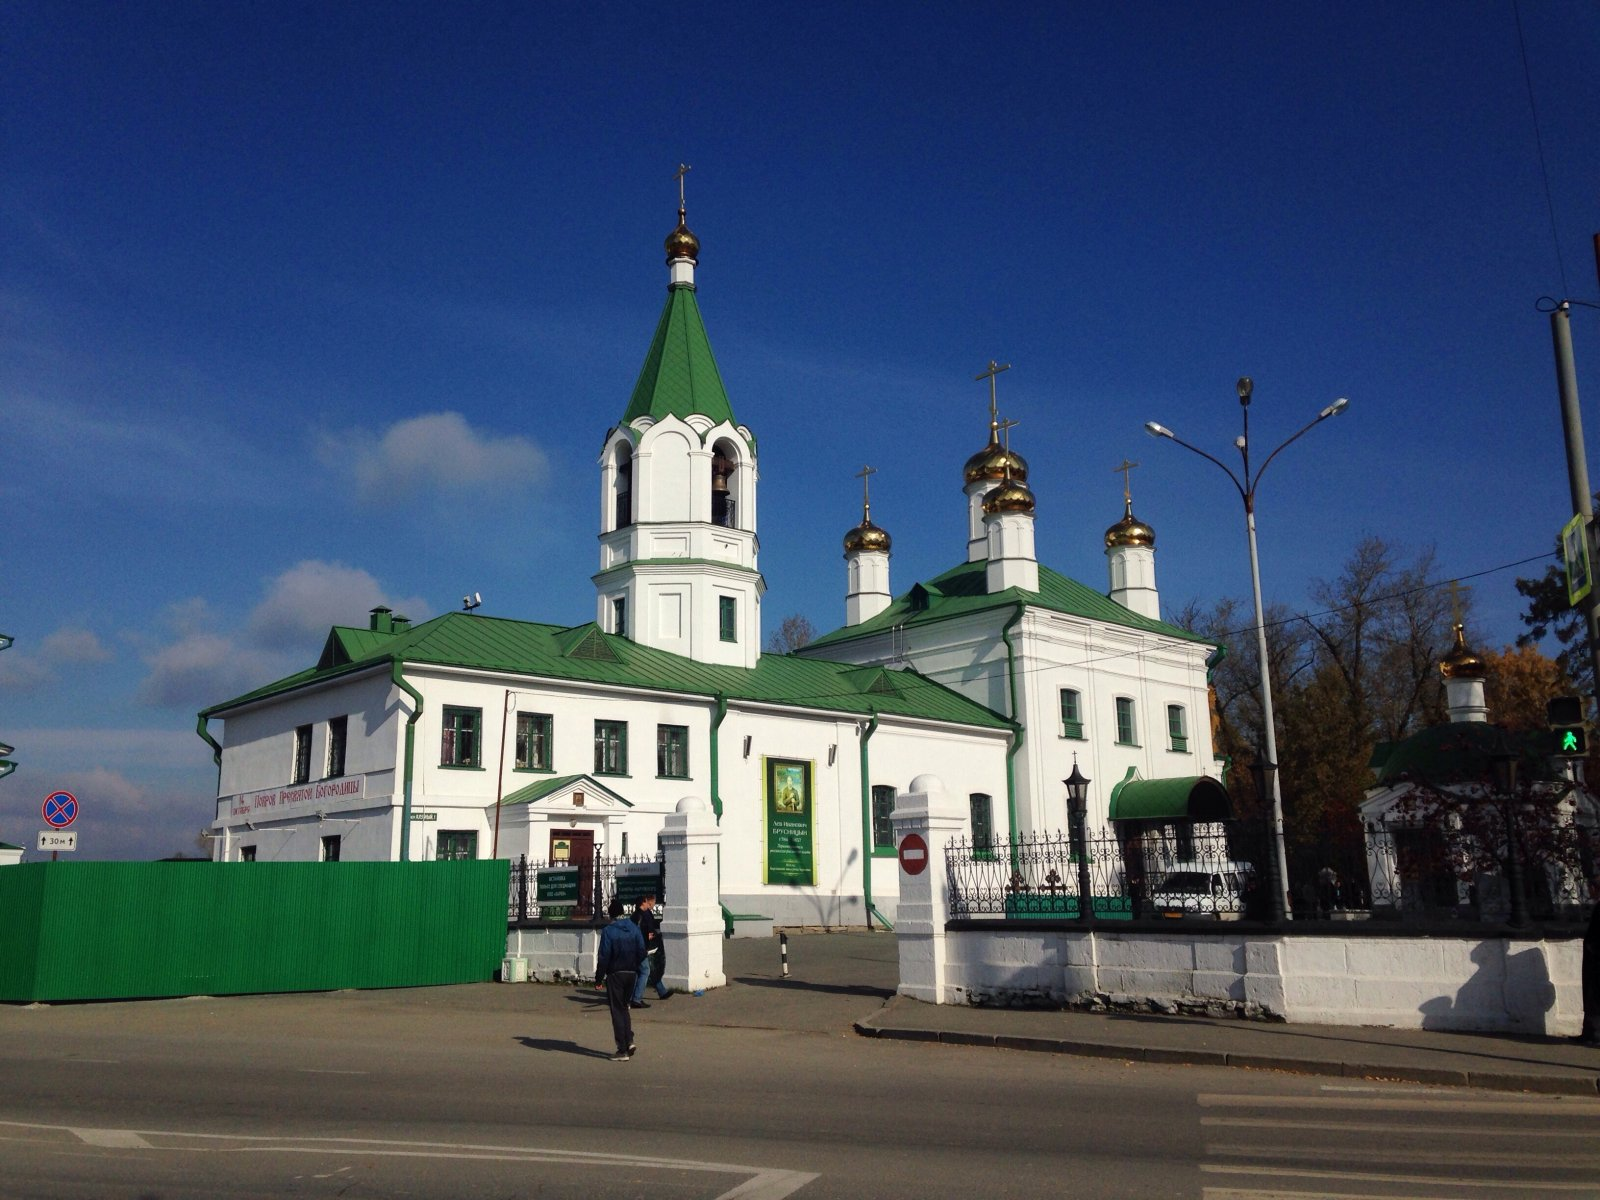 Церковь Успения Пресвятой Богородицы, Березовский, Свердловская область